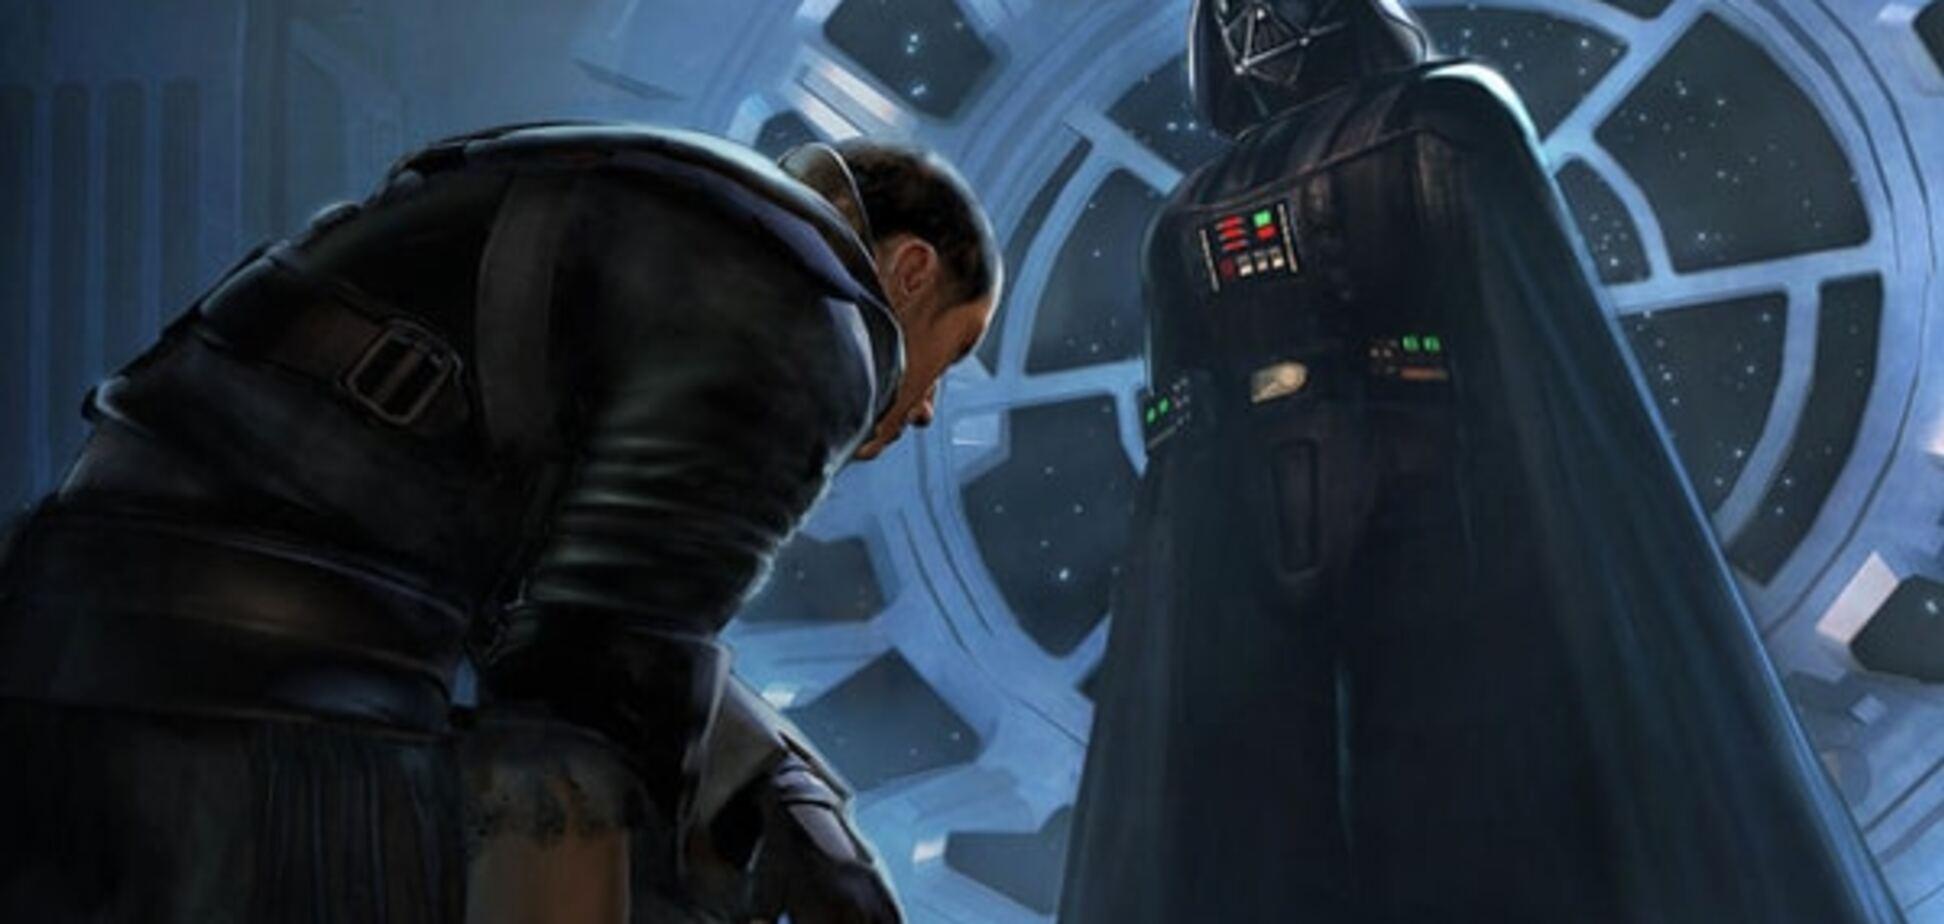 'Звездные войны' побили рекорд по предпродаже билетов